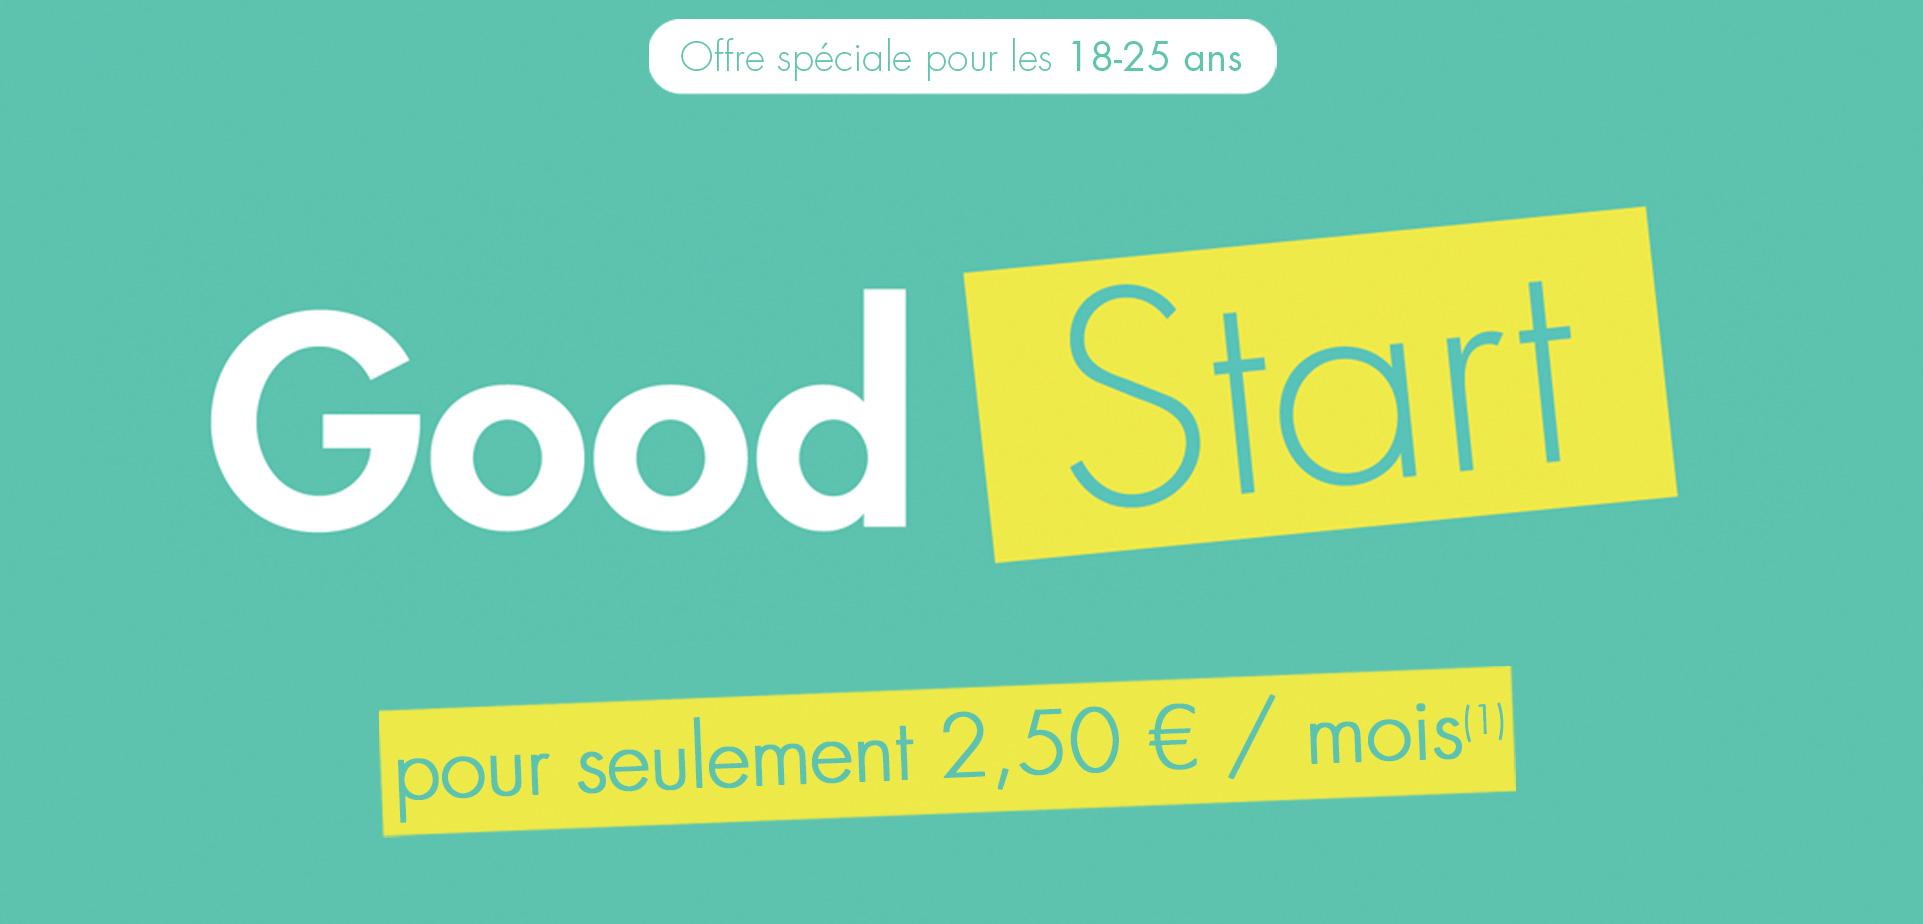 Credit Agricole Normandie Seine Good Start